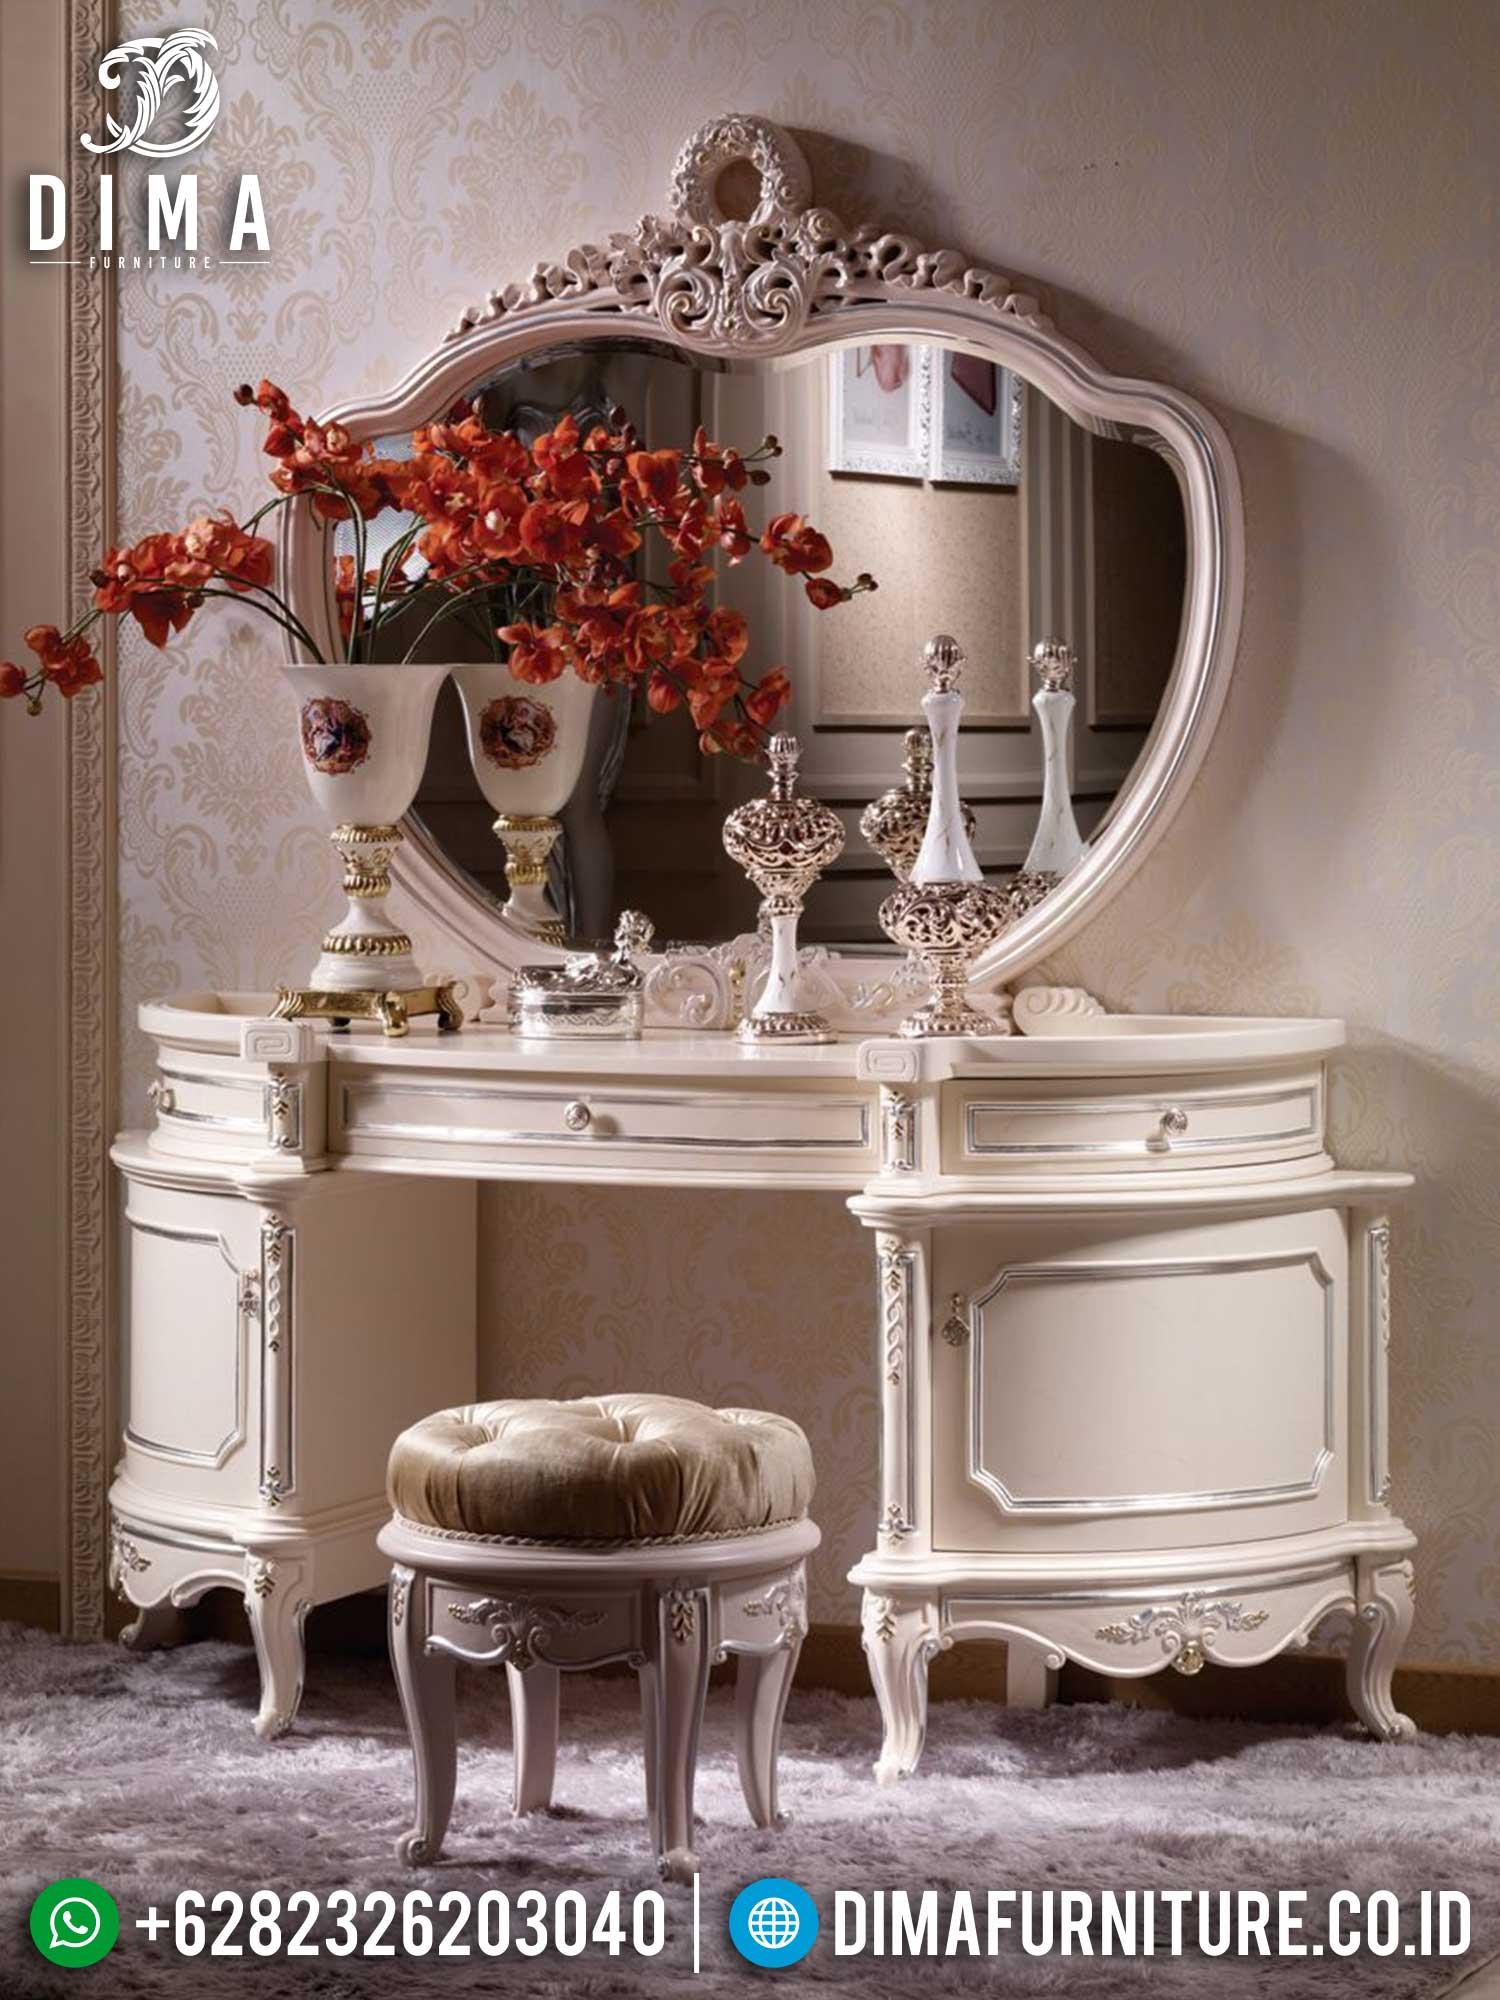 Meja Rias Mewah Ukiran Jepara Luxurious Classic Sets Furniture Jepara TTJ-1412